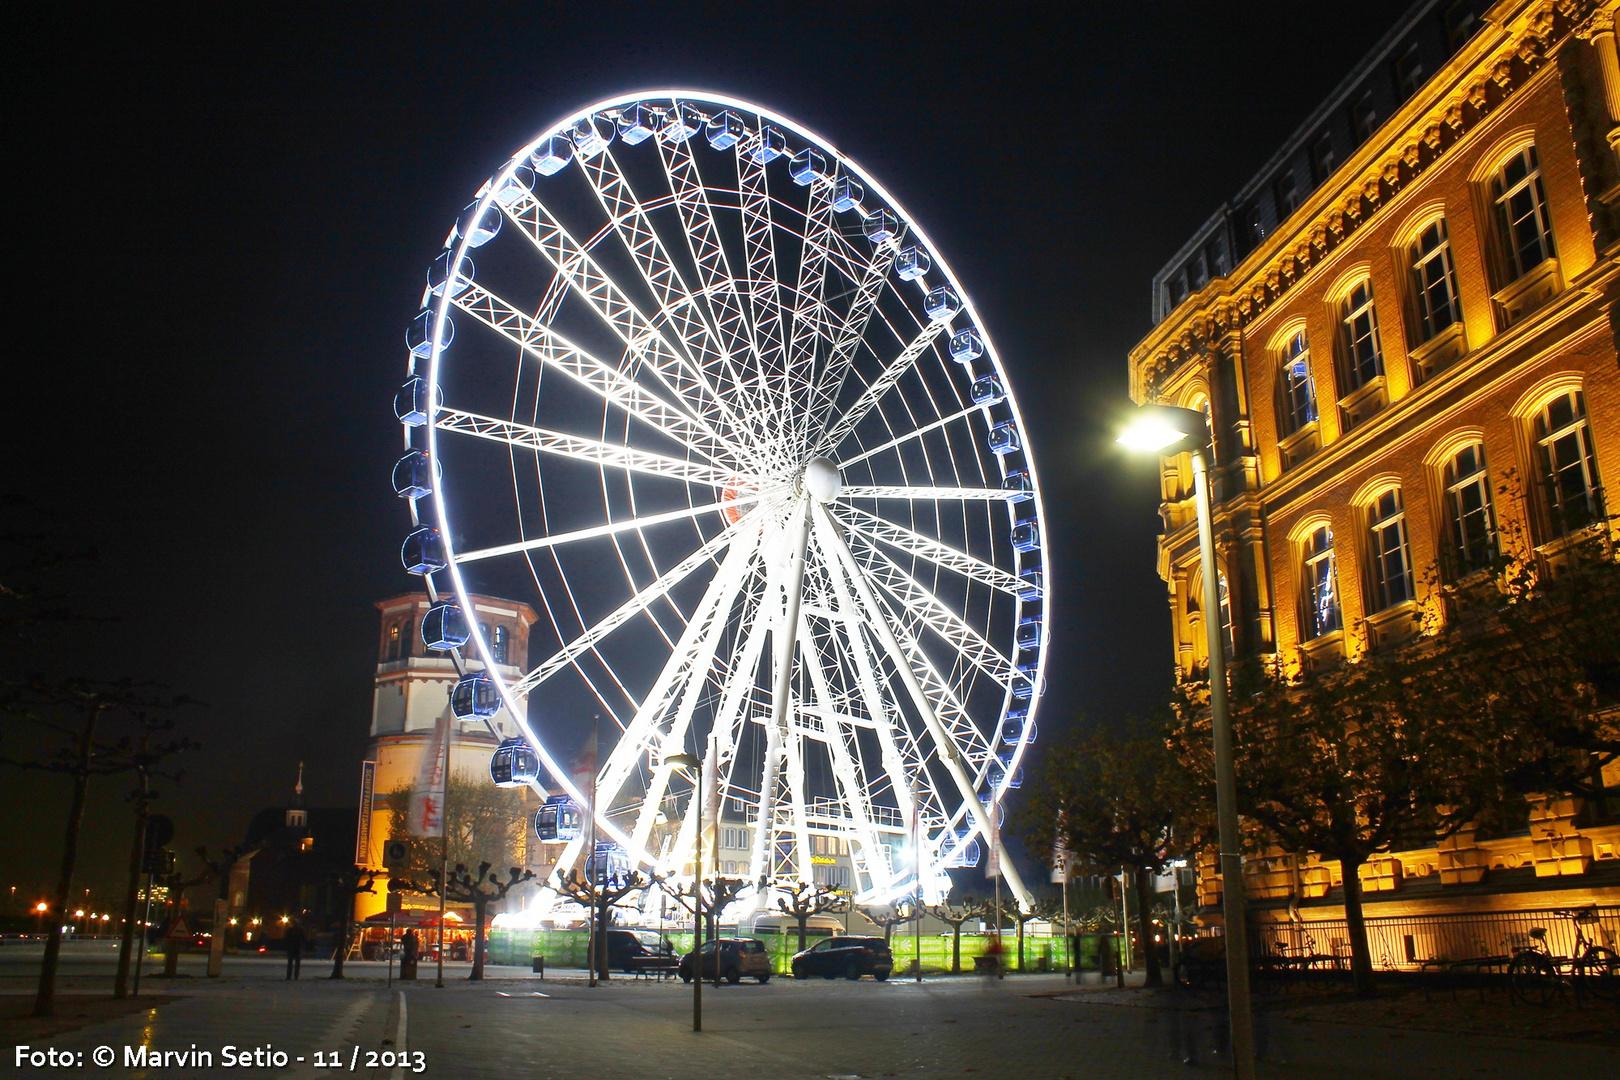 Riesenrad am Burgplatz - Düsseldorf